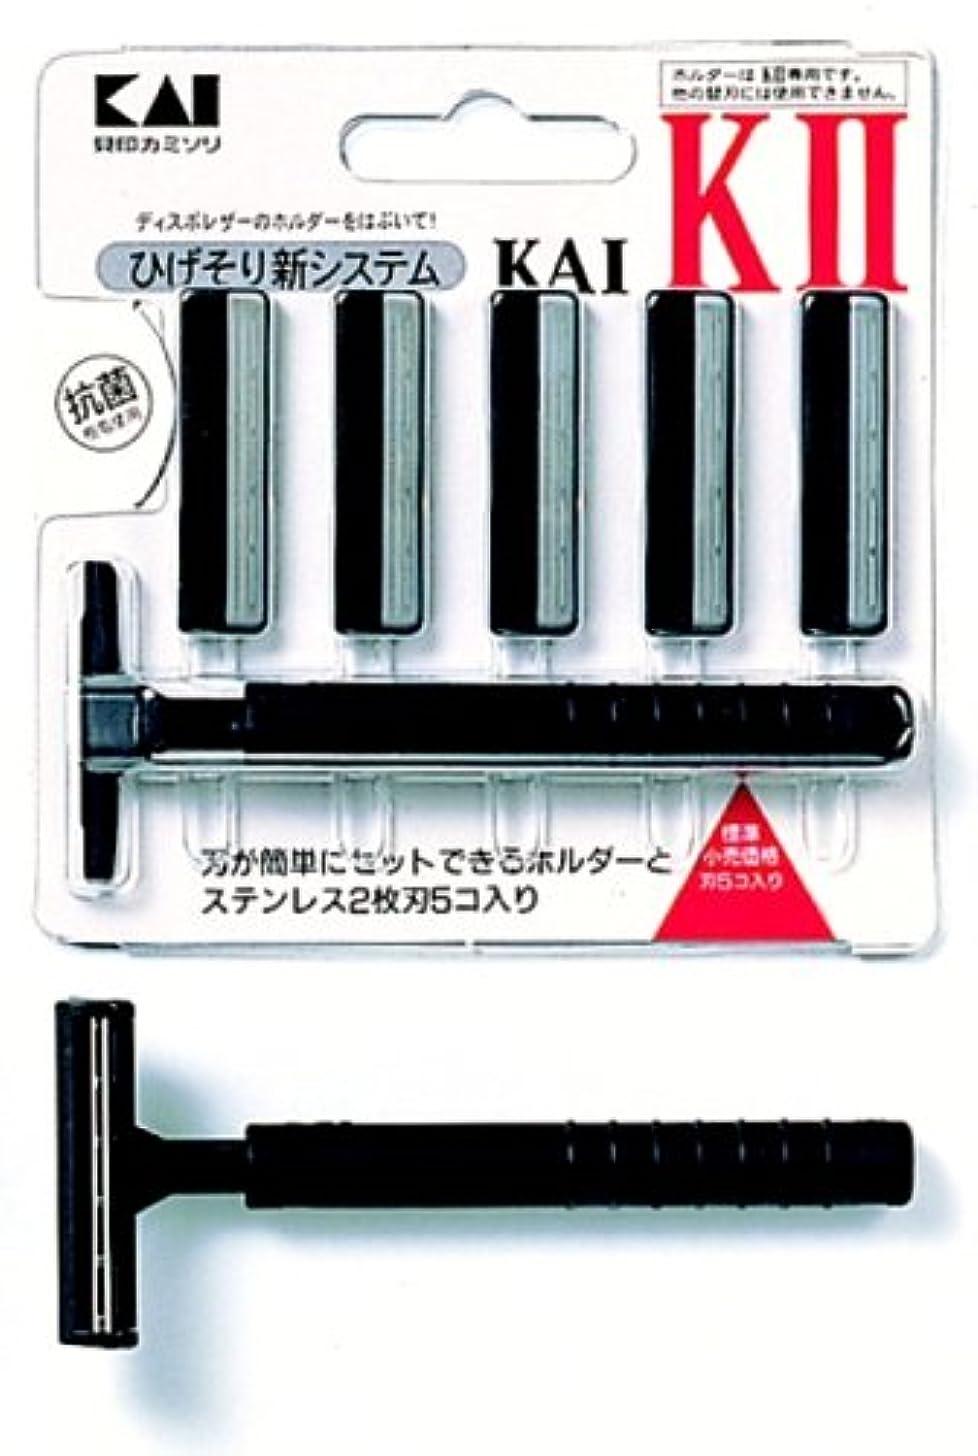 似ている習字候補者カミソリ KAI-K2 K2-5